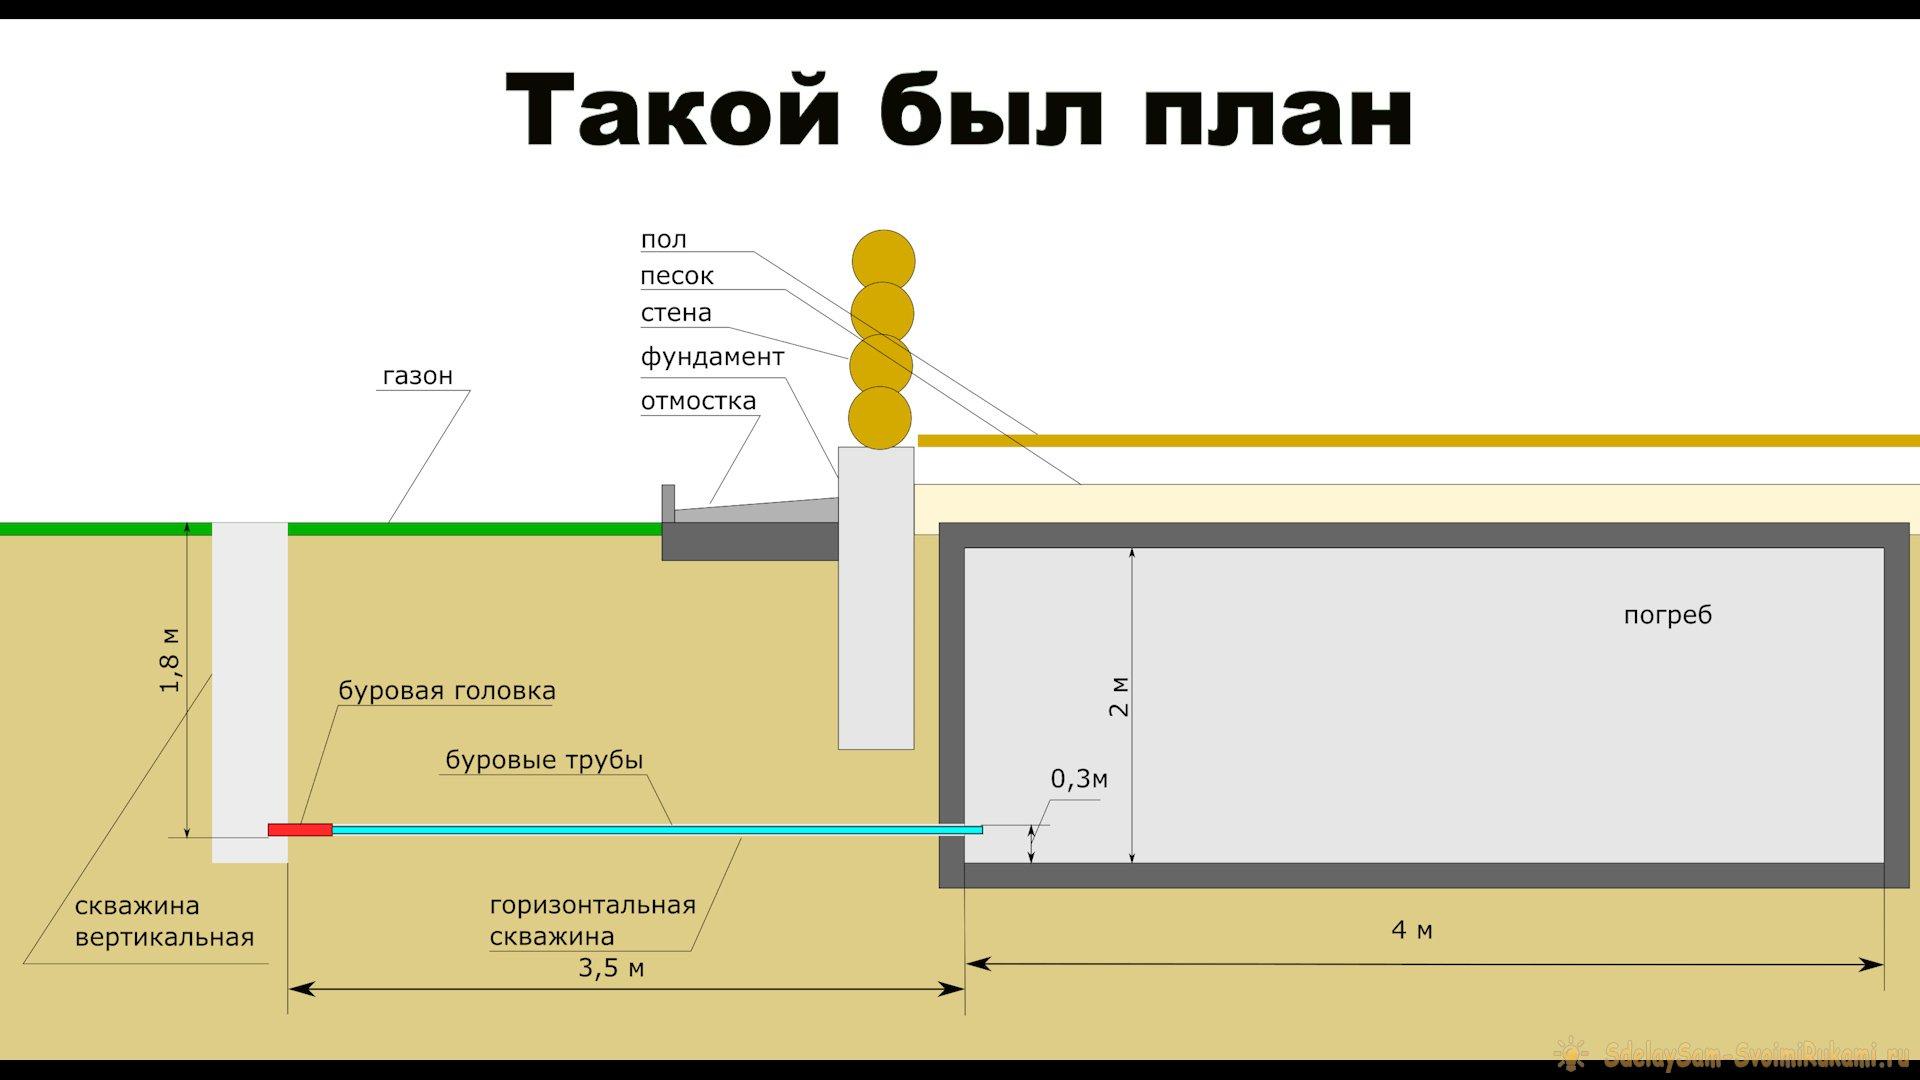 Как подвести воду к дому: горизонтальная скважина